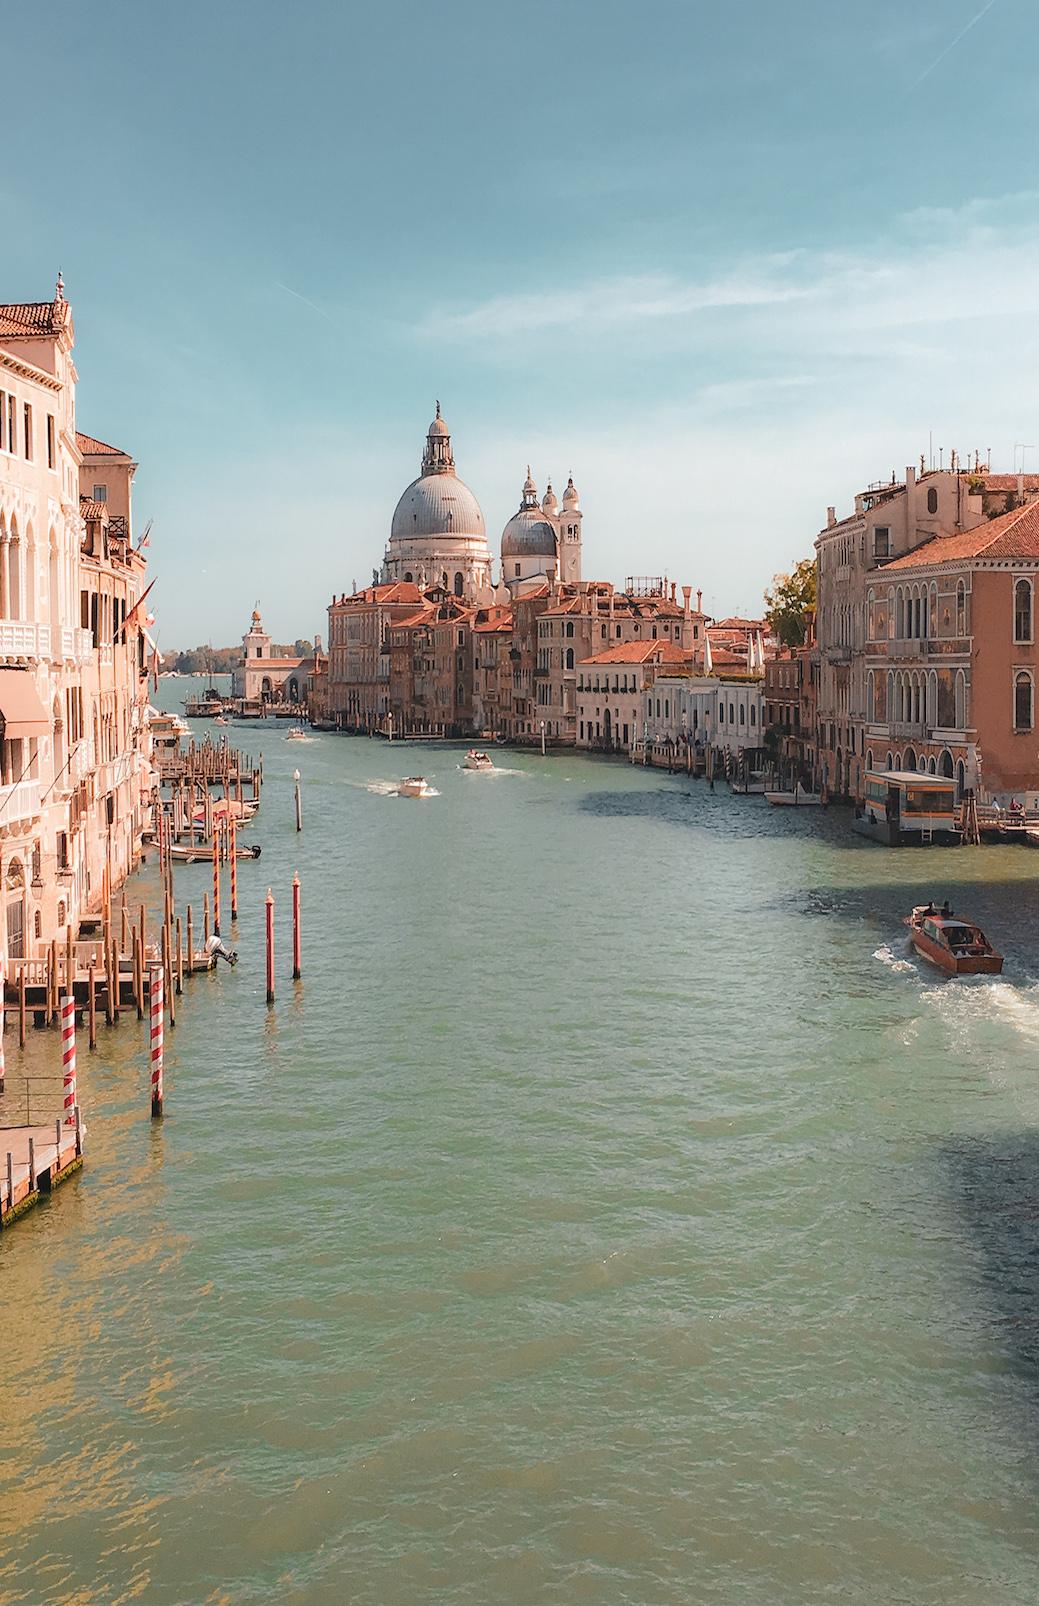 Venice from the Rialto bridge